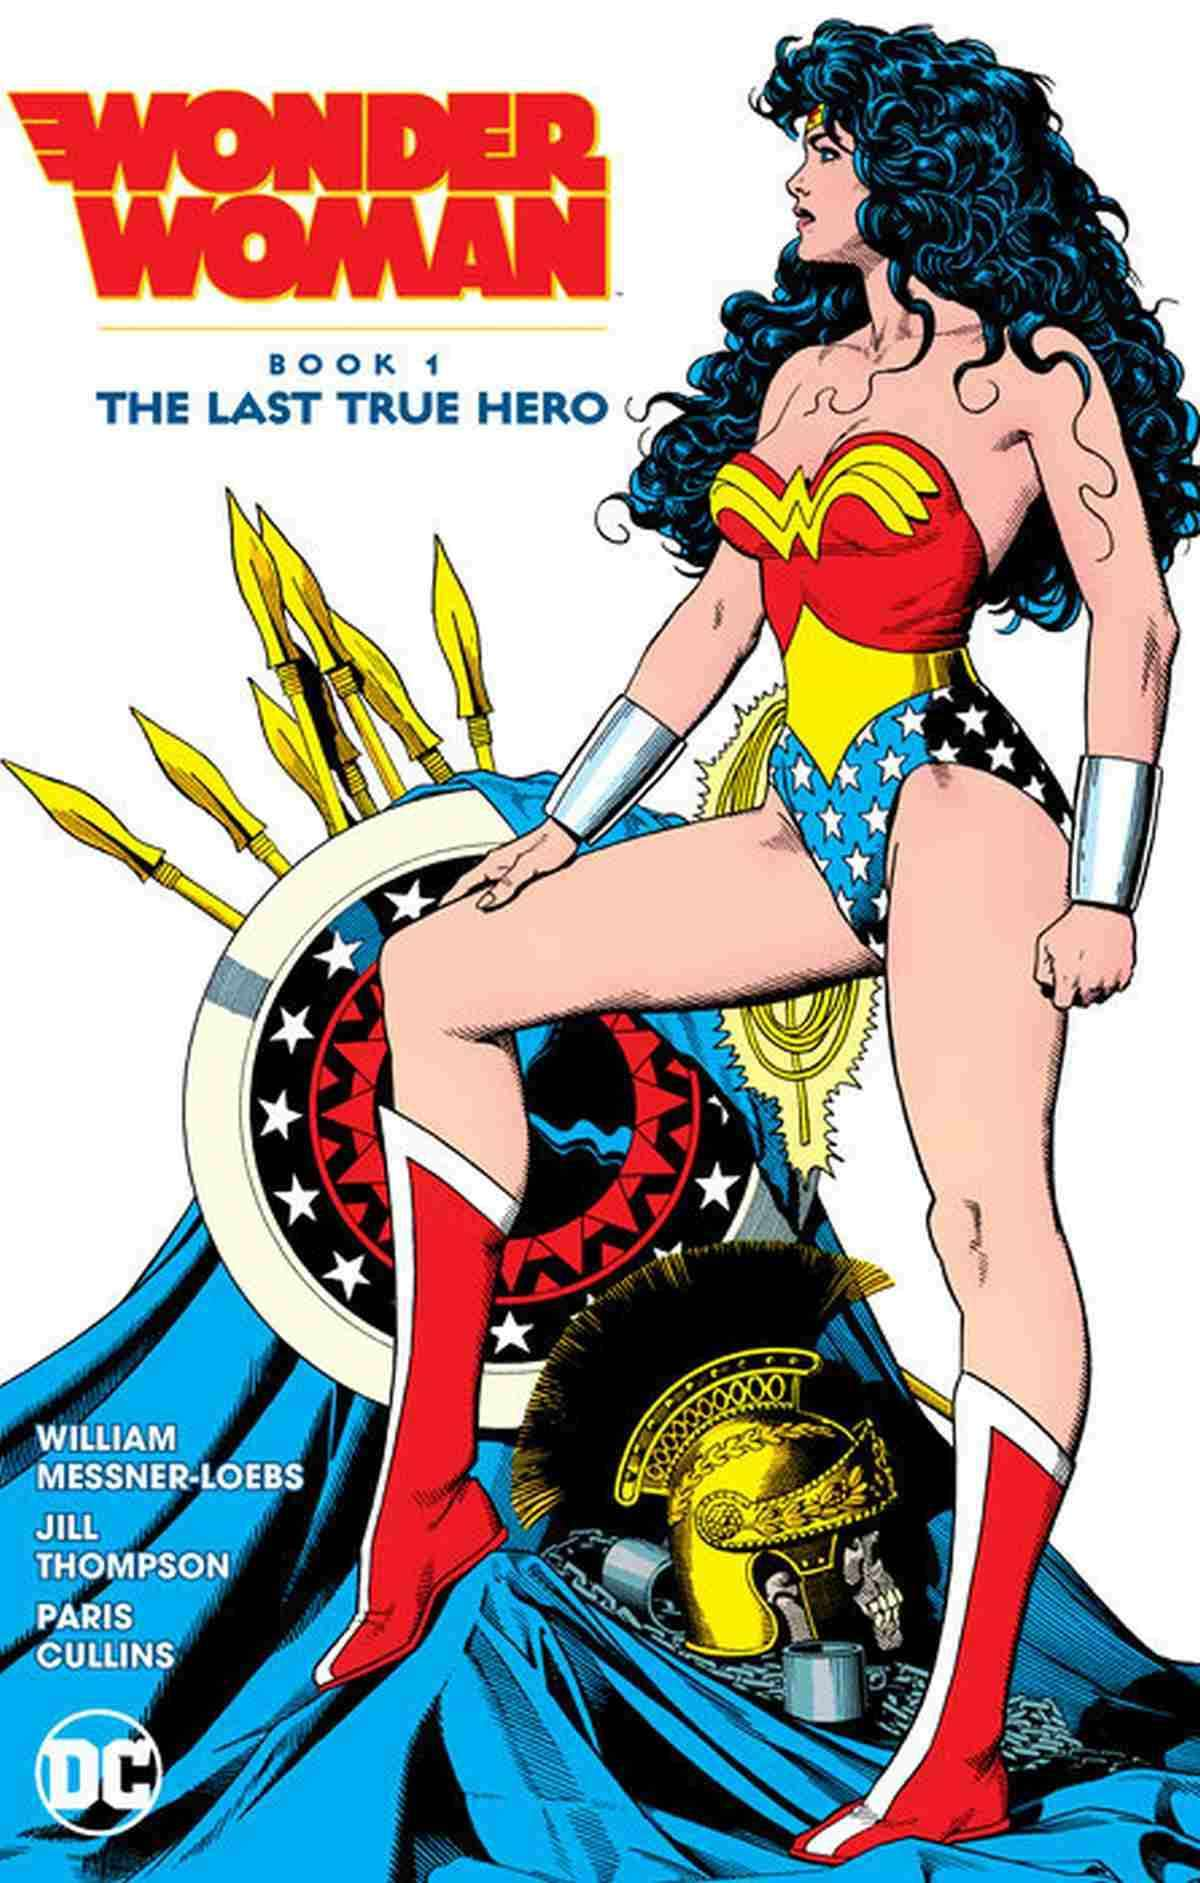 Wonder Woman Book 1 The Last True Hero